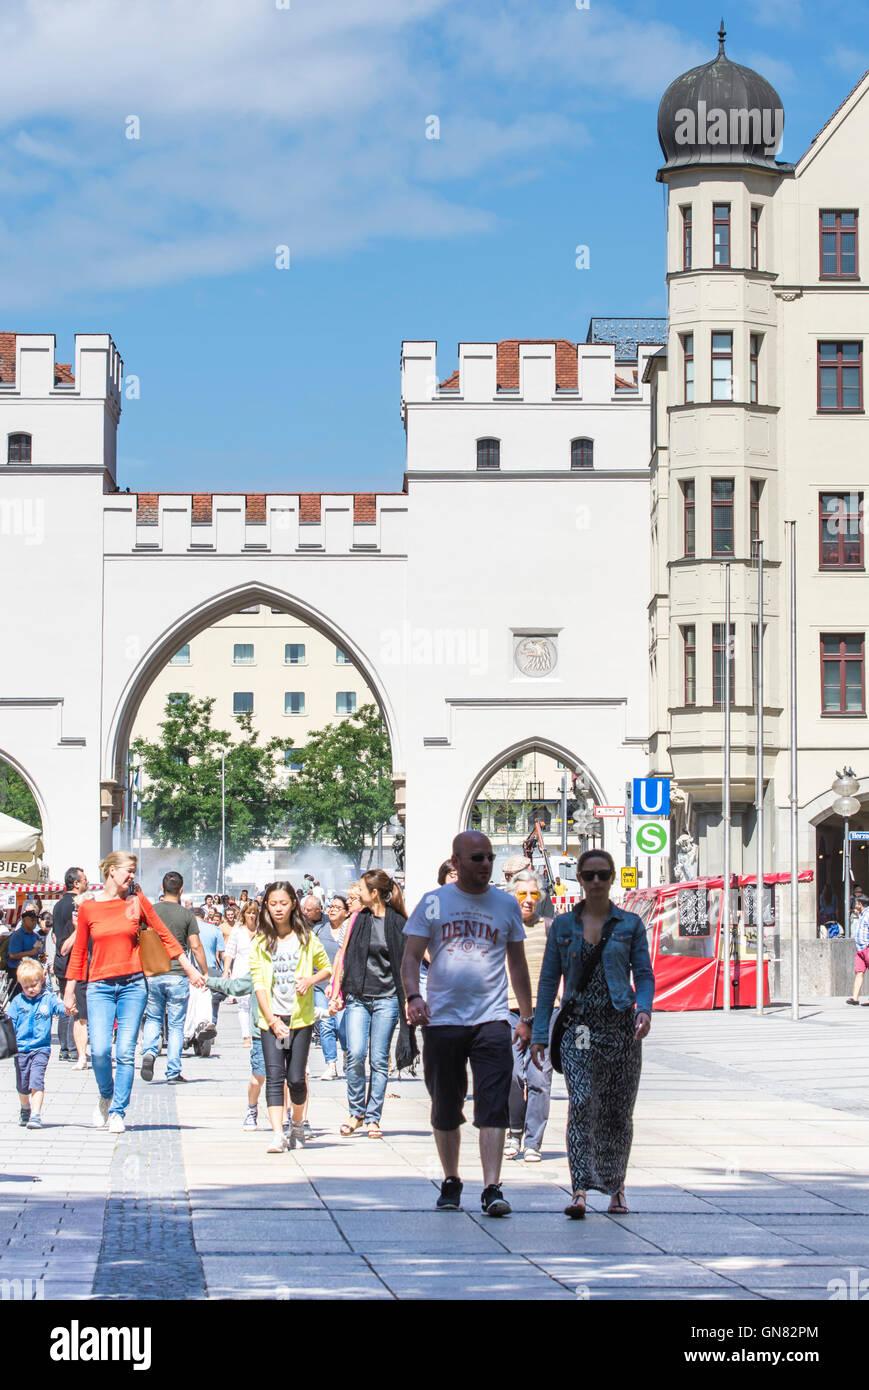 Les touristes dans la zone piétonne de Munich Photo Stock